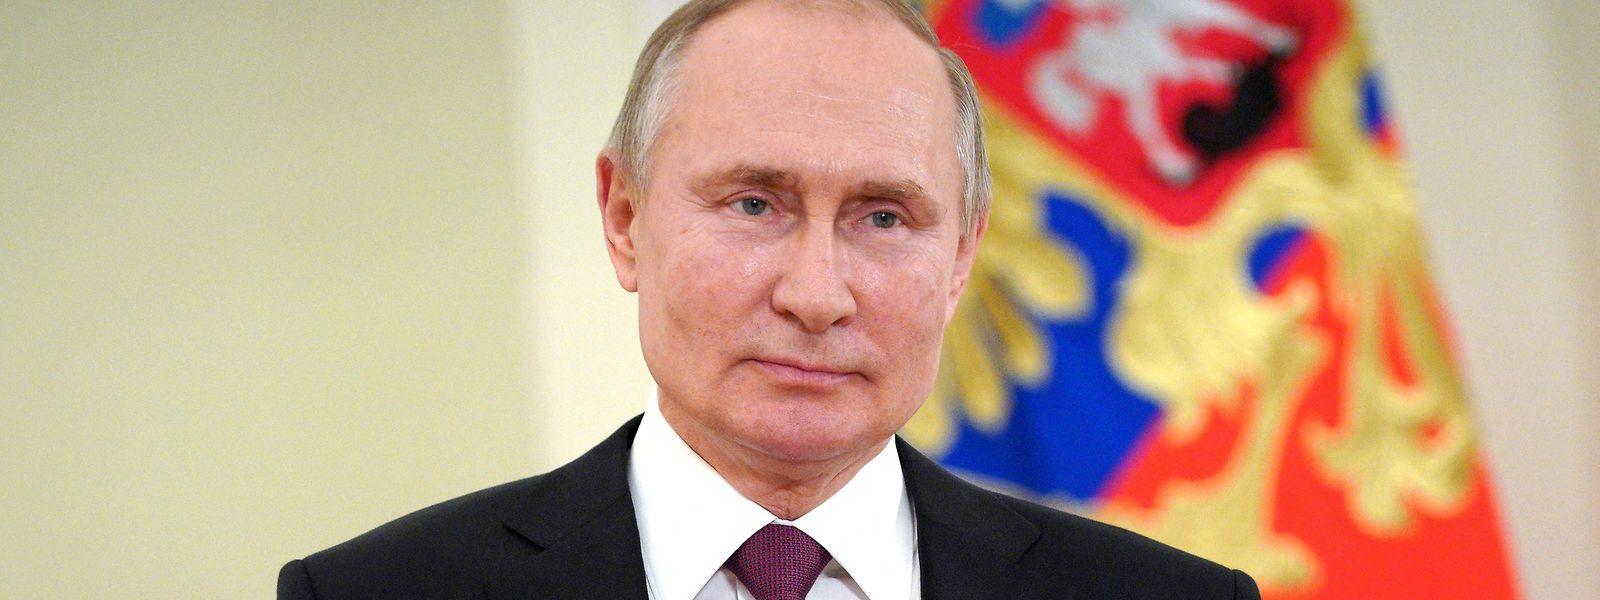 Mit dem neuen Gesetz dürfte Putin Russland noch längere Zeit erhalten bleiben.